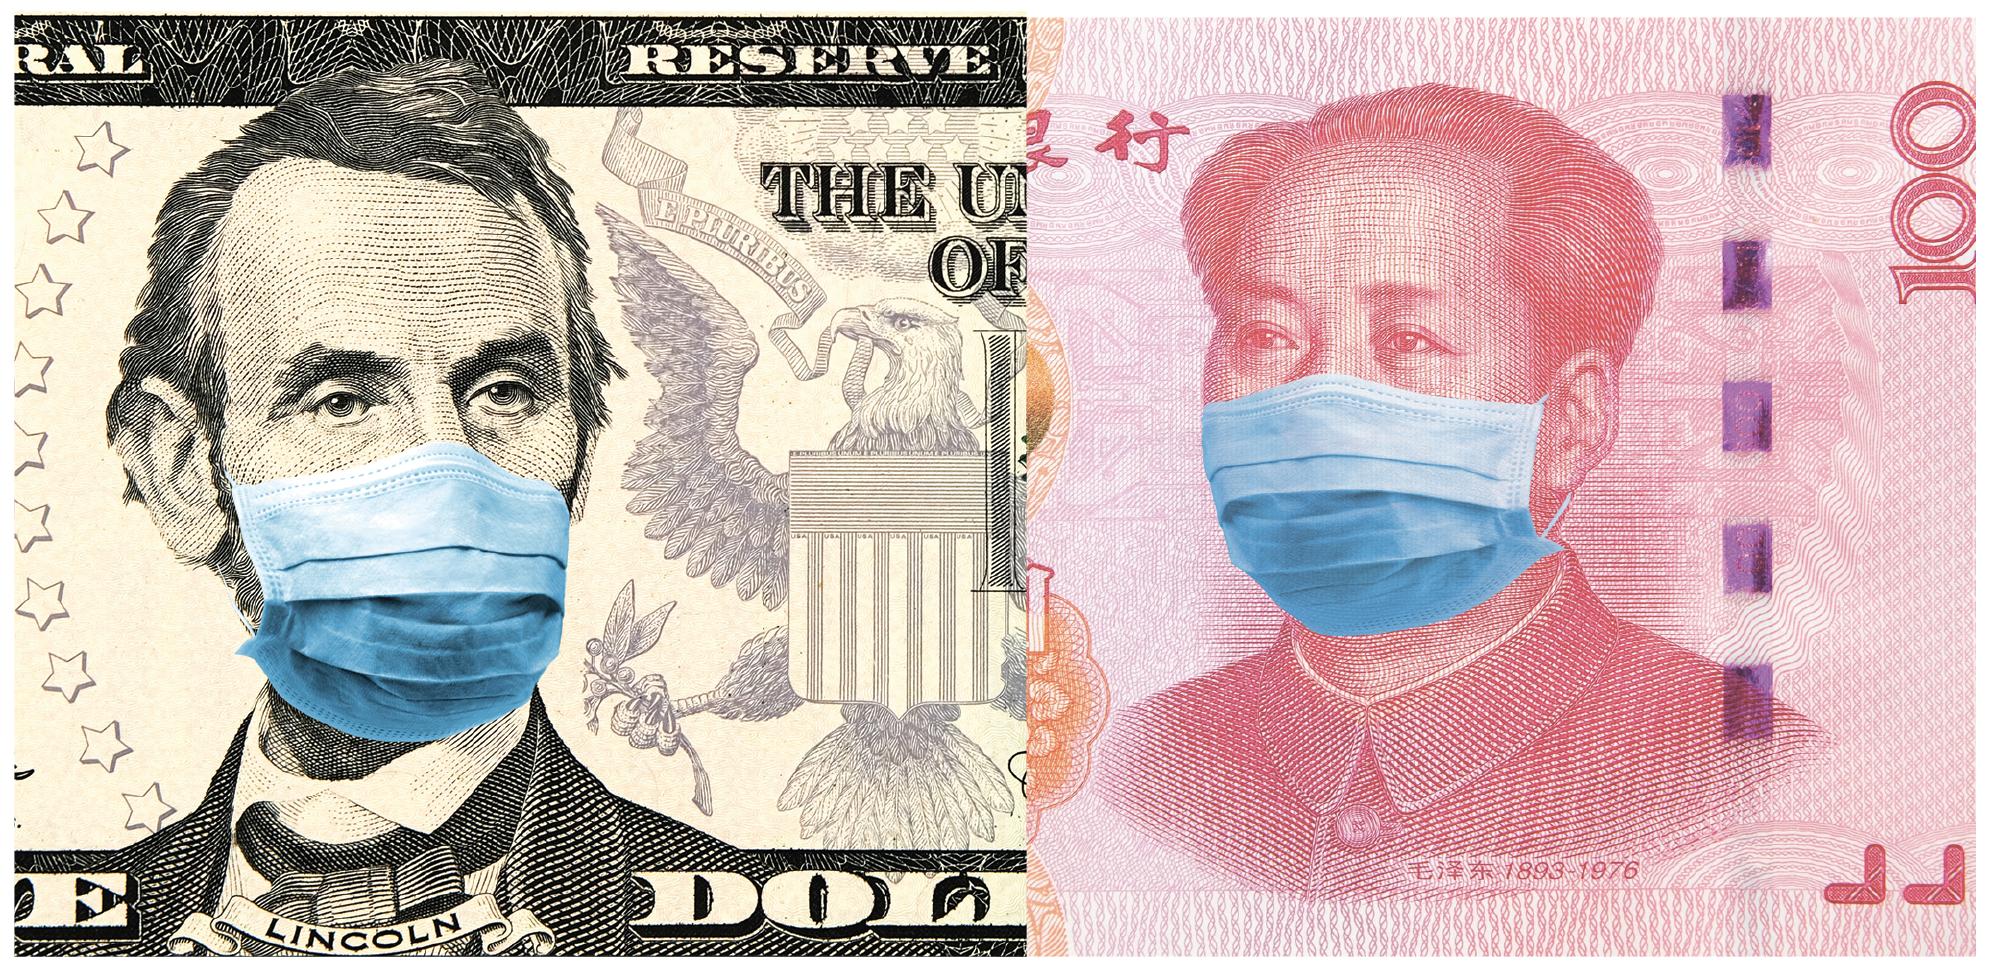 武漢肺炎將對全世界經濟帶來更巨大的挑戰。(Shutterstock)